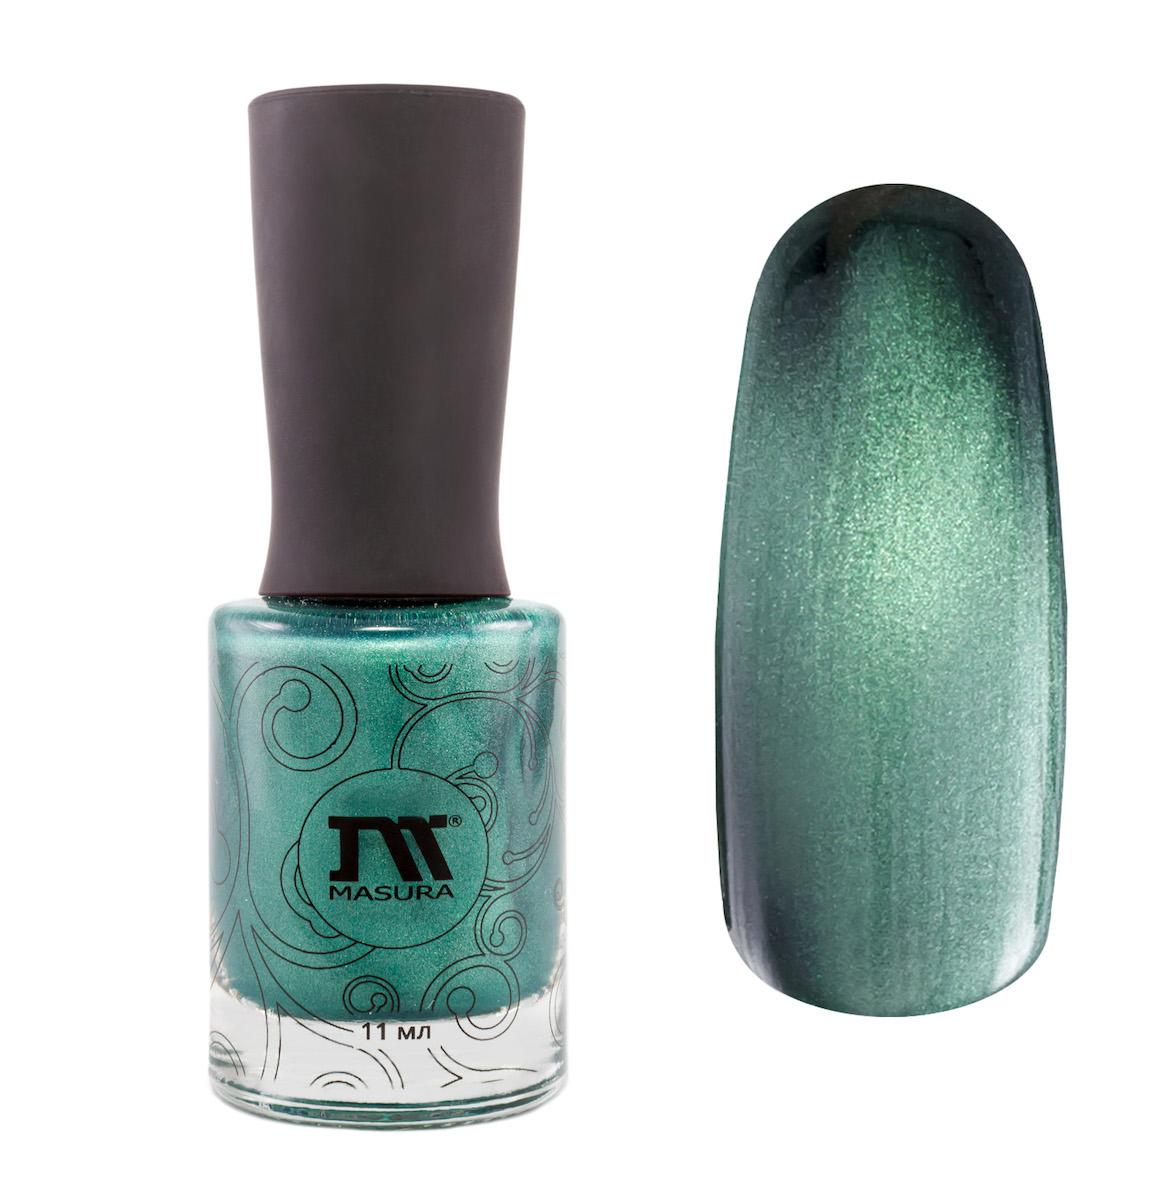 Masura Лак для ногтей Кошачий глаз, 11 мл1301210изумрудно-зеленый